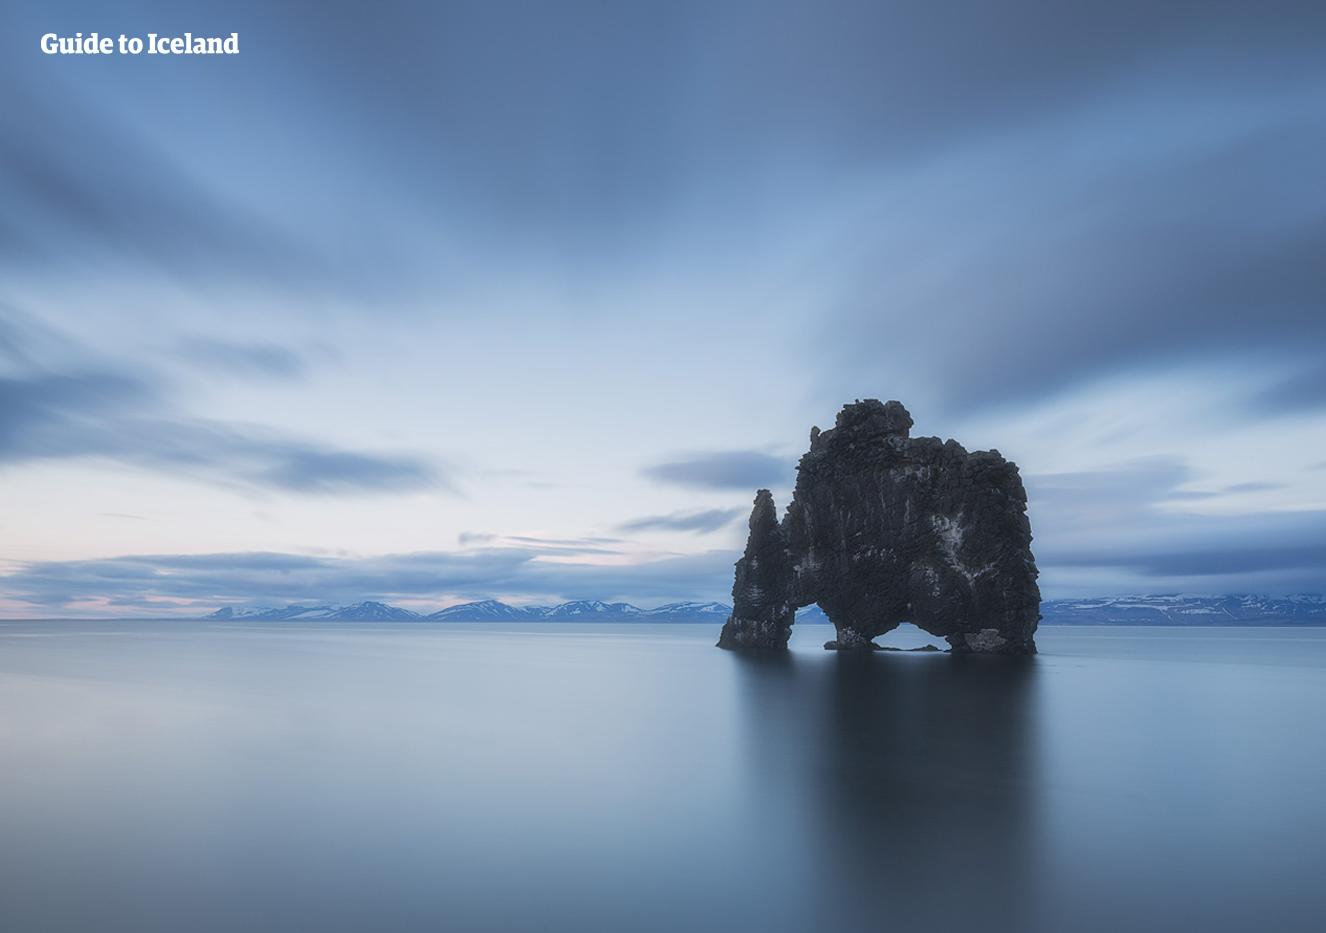 La impresionante pila de mar de Hvítserkur se encuentra en el norte de Islandia.